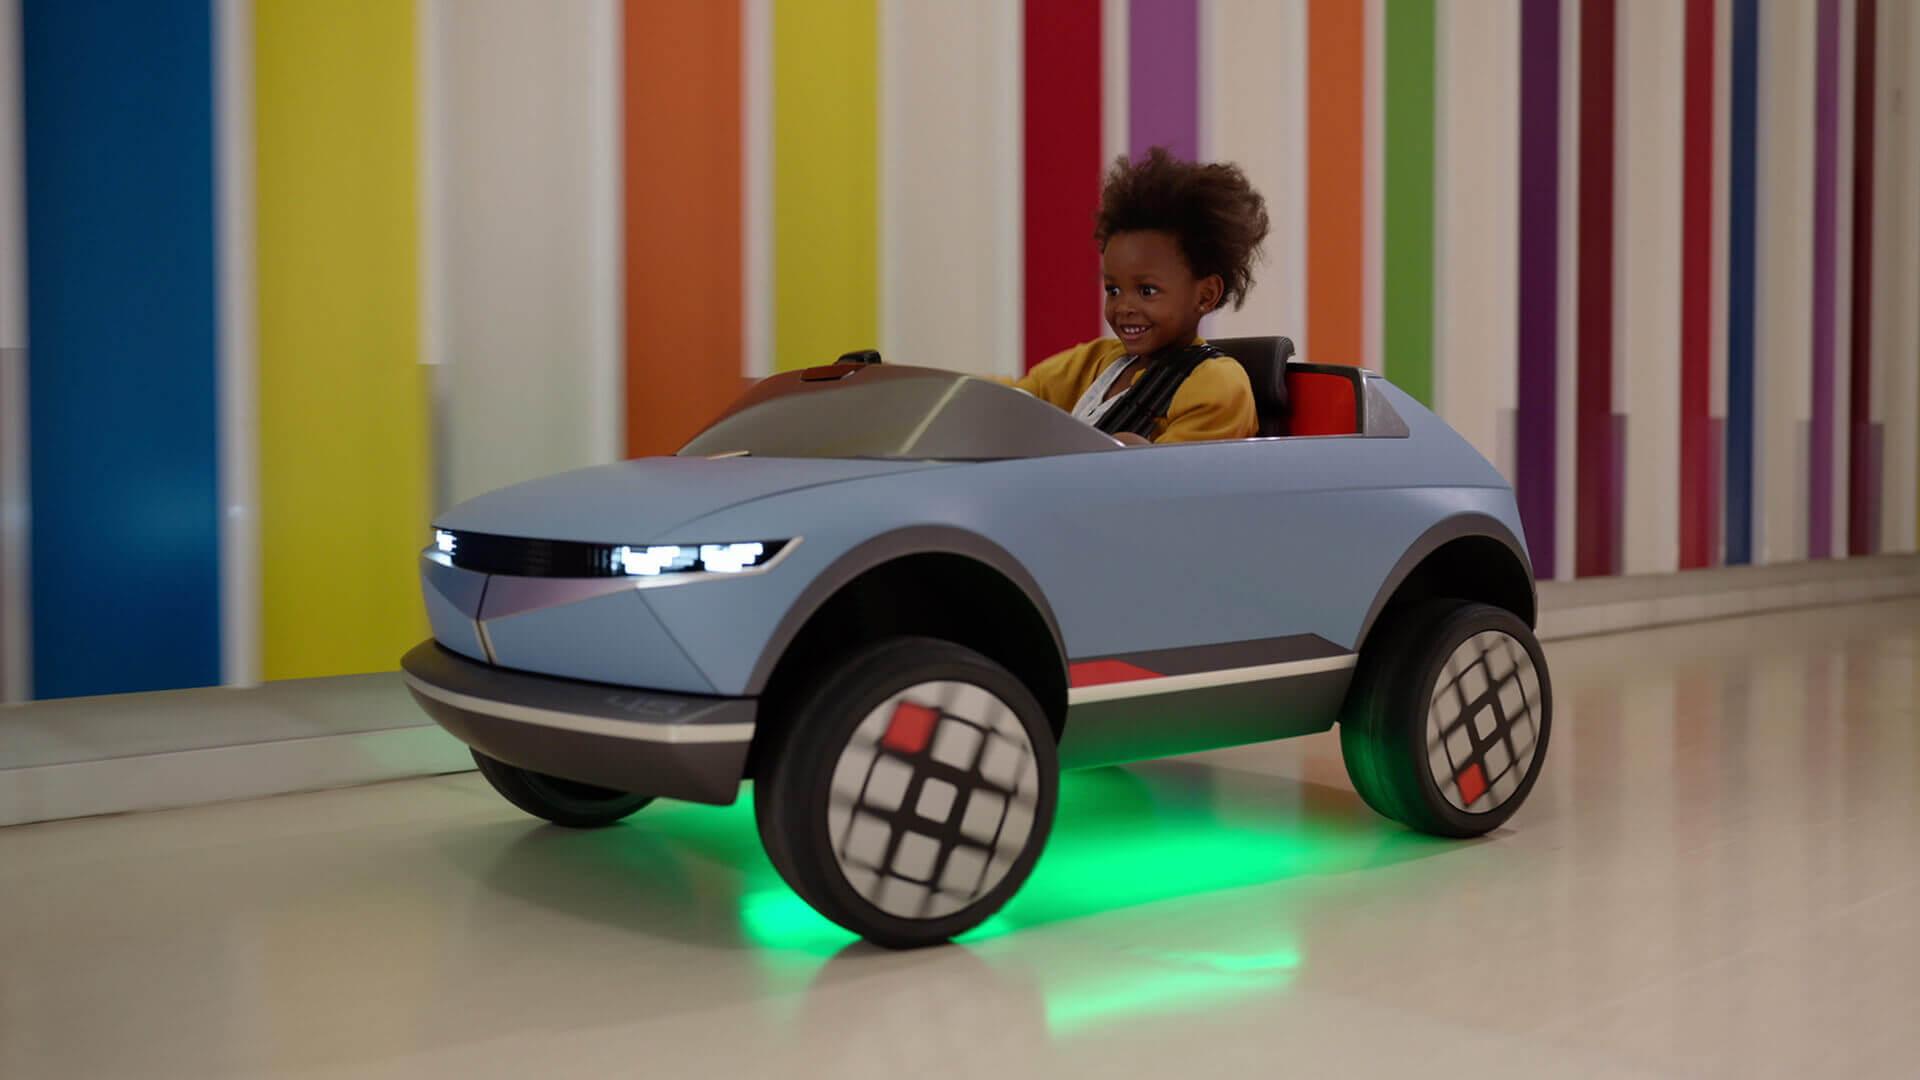 Мини-электромобиль Hyundai помогает врачам узнать, когда ребенок чувствует себя готовым клечению